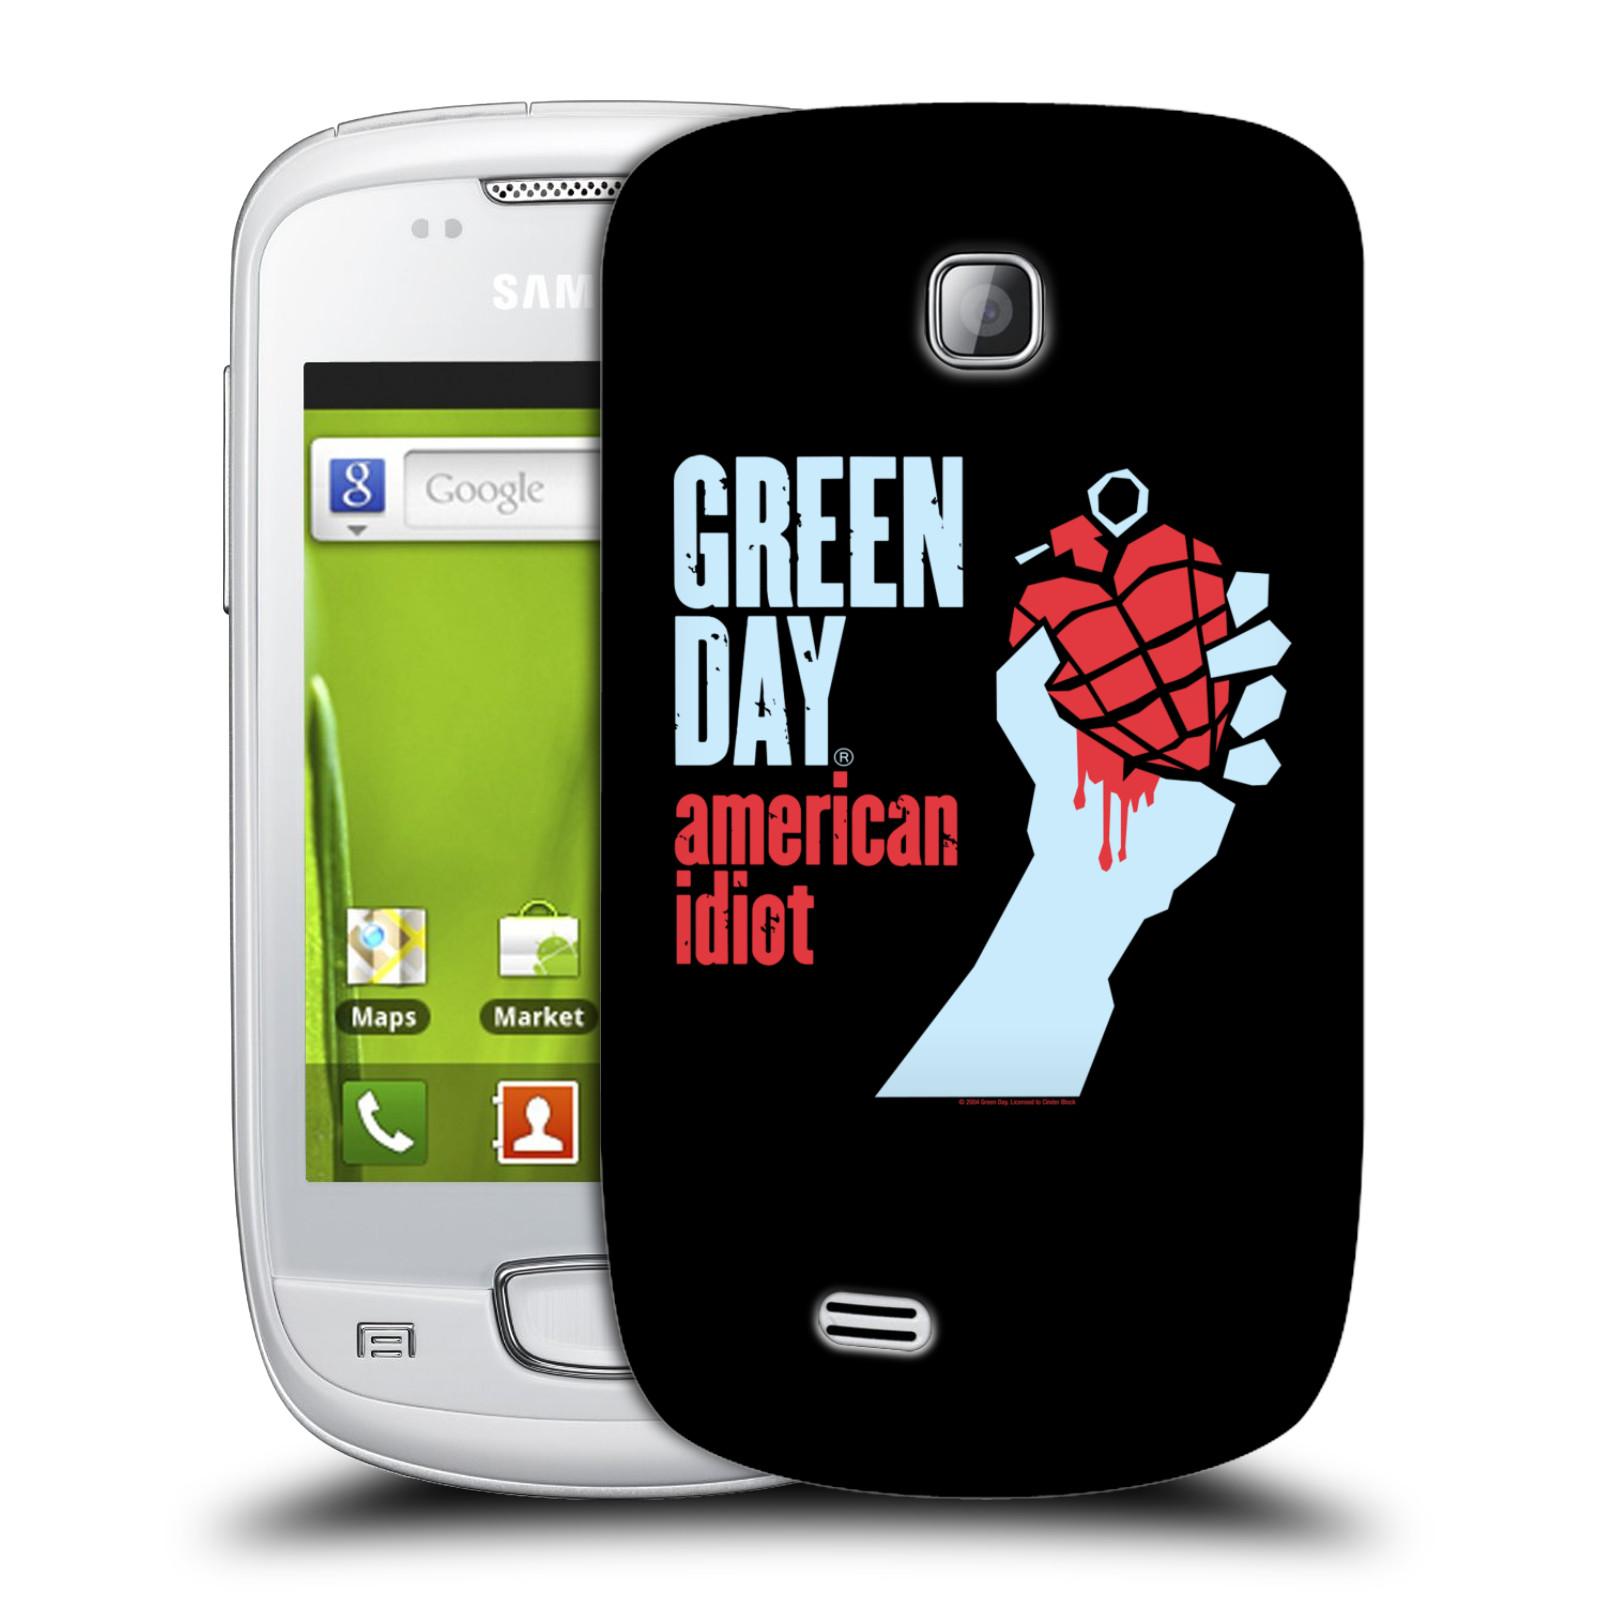 Plastové pouzdro na mobil Samsung Galaxy Mini HEAD CASE Green Day - American Idiot (Plastový kryt či obal na mobilní telefon licencovaným motivem Green Day pro Samsung Galaxy Mini GT-S5570 / GT-S5570i)